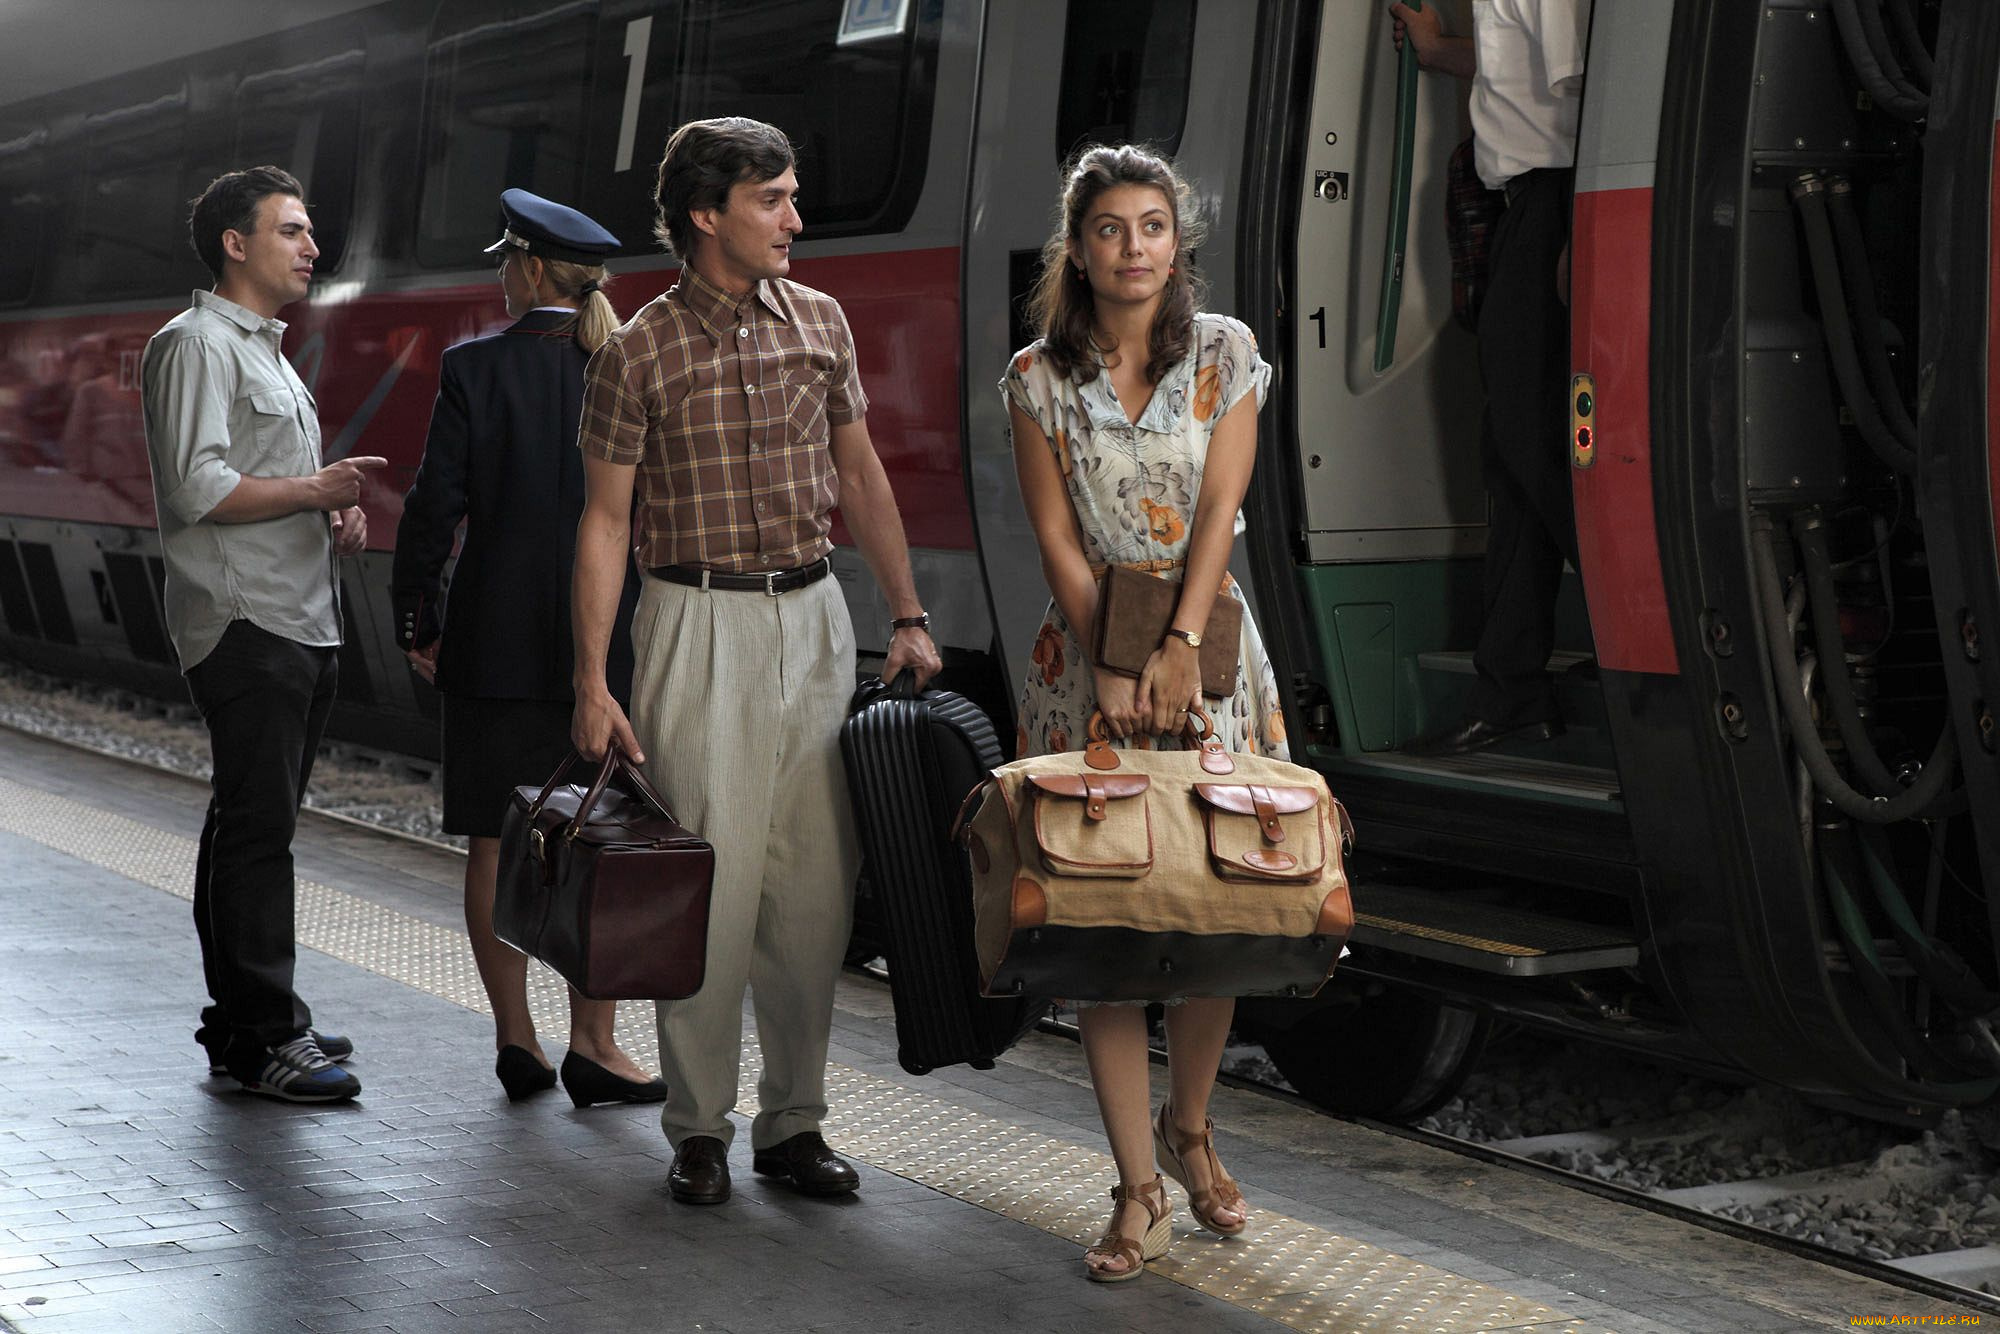 Смотреть онлайн итальянские фильмы с переводом, голые латинки фото галереи